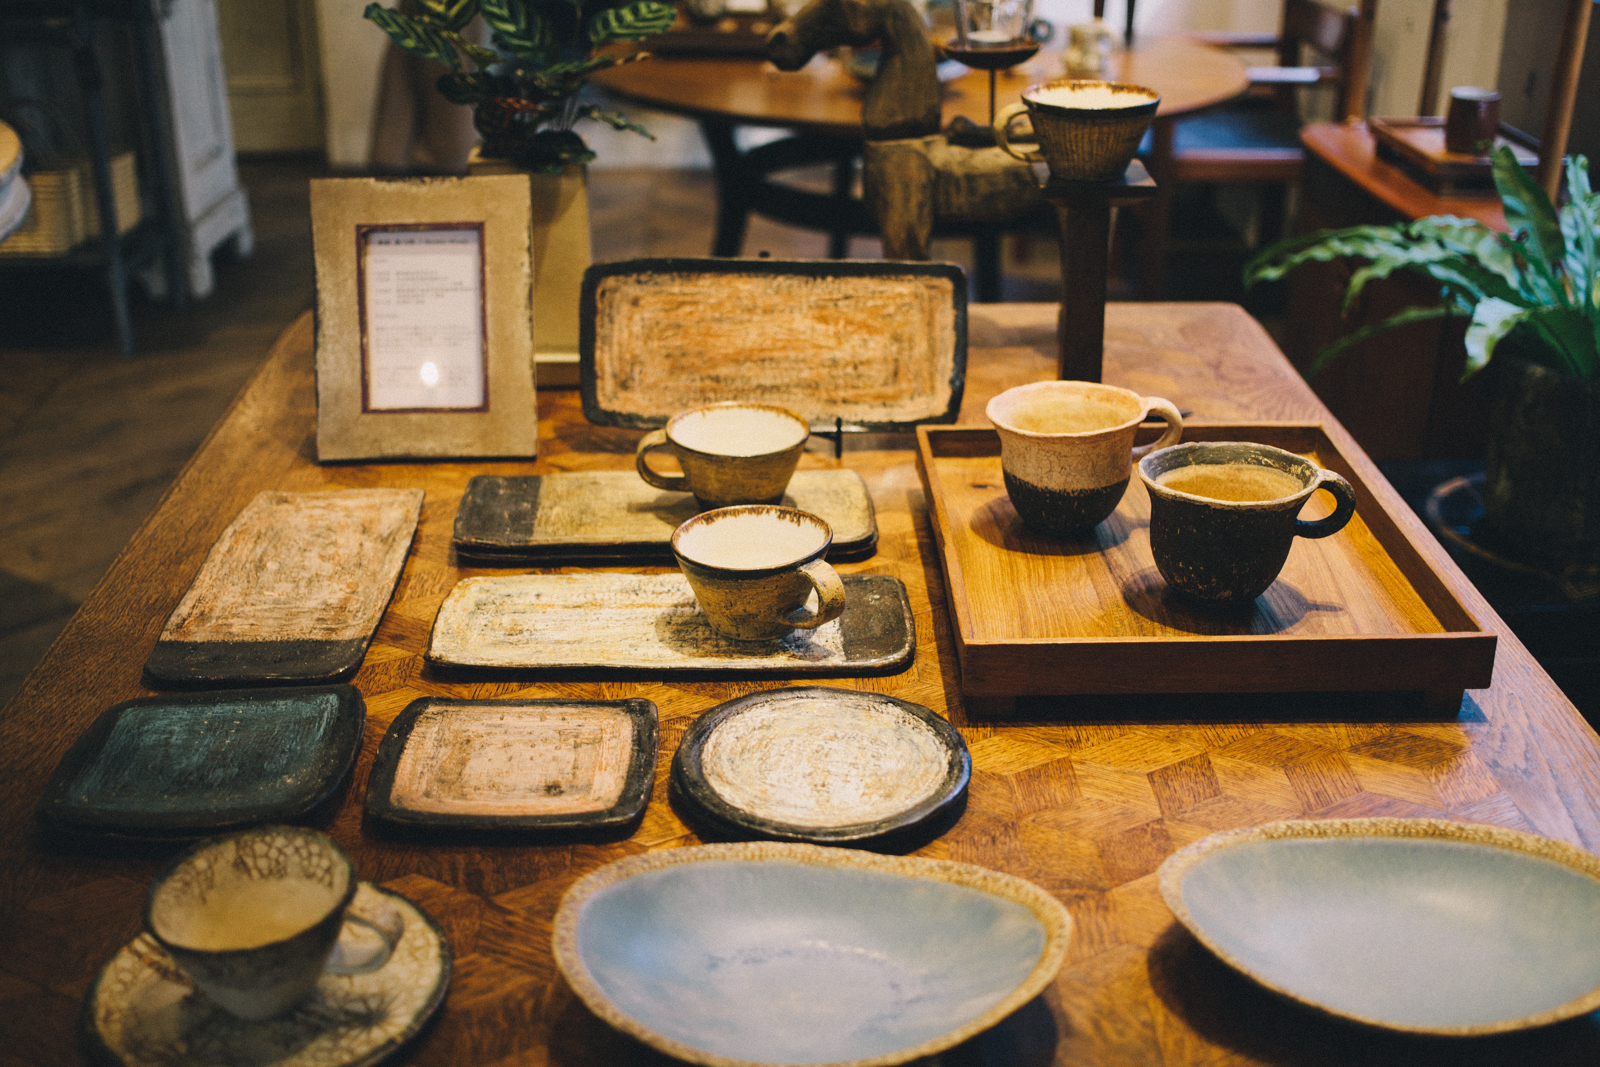 代々木上原 ヨーロッパアンティーク家具とクラフト雑貨のSIEBEN